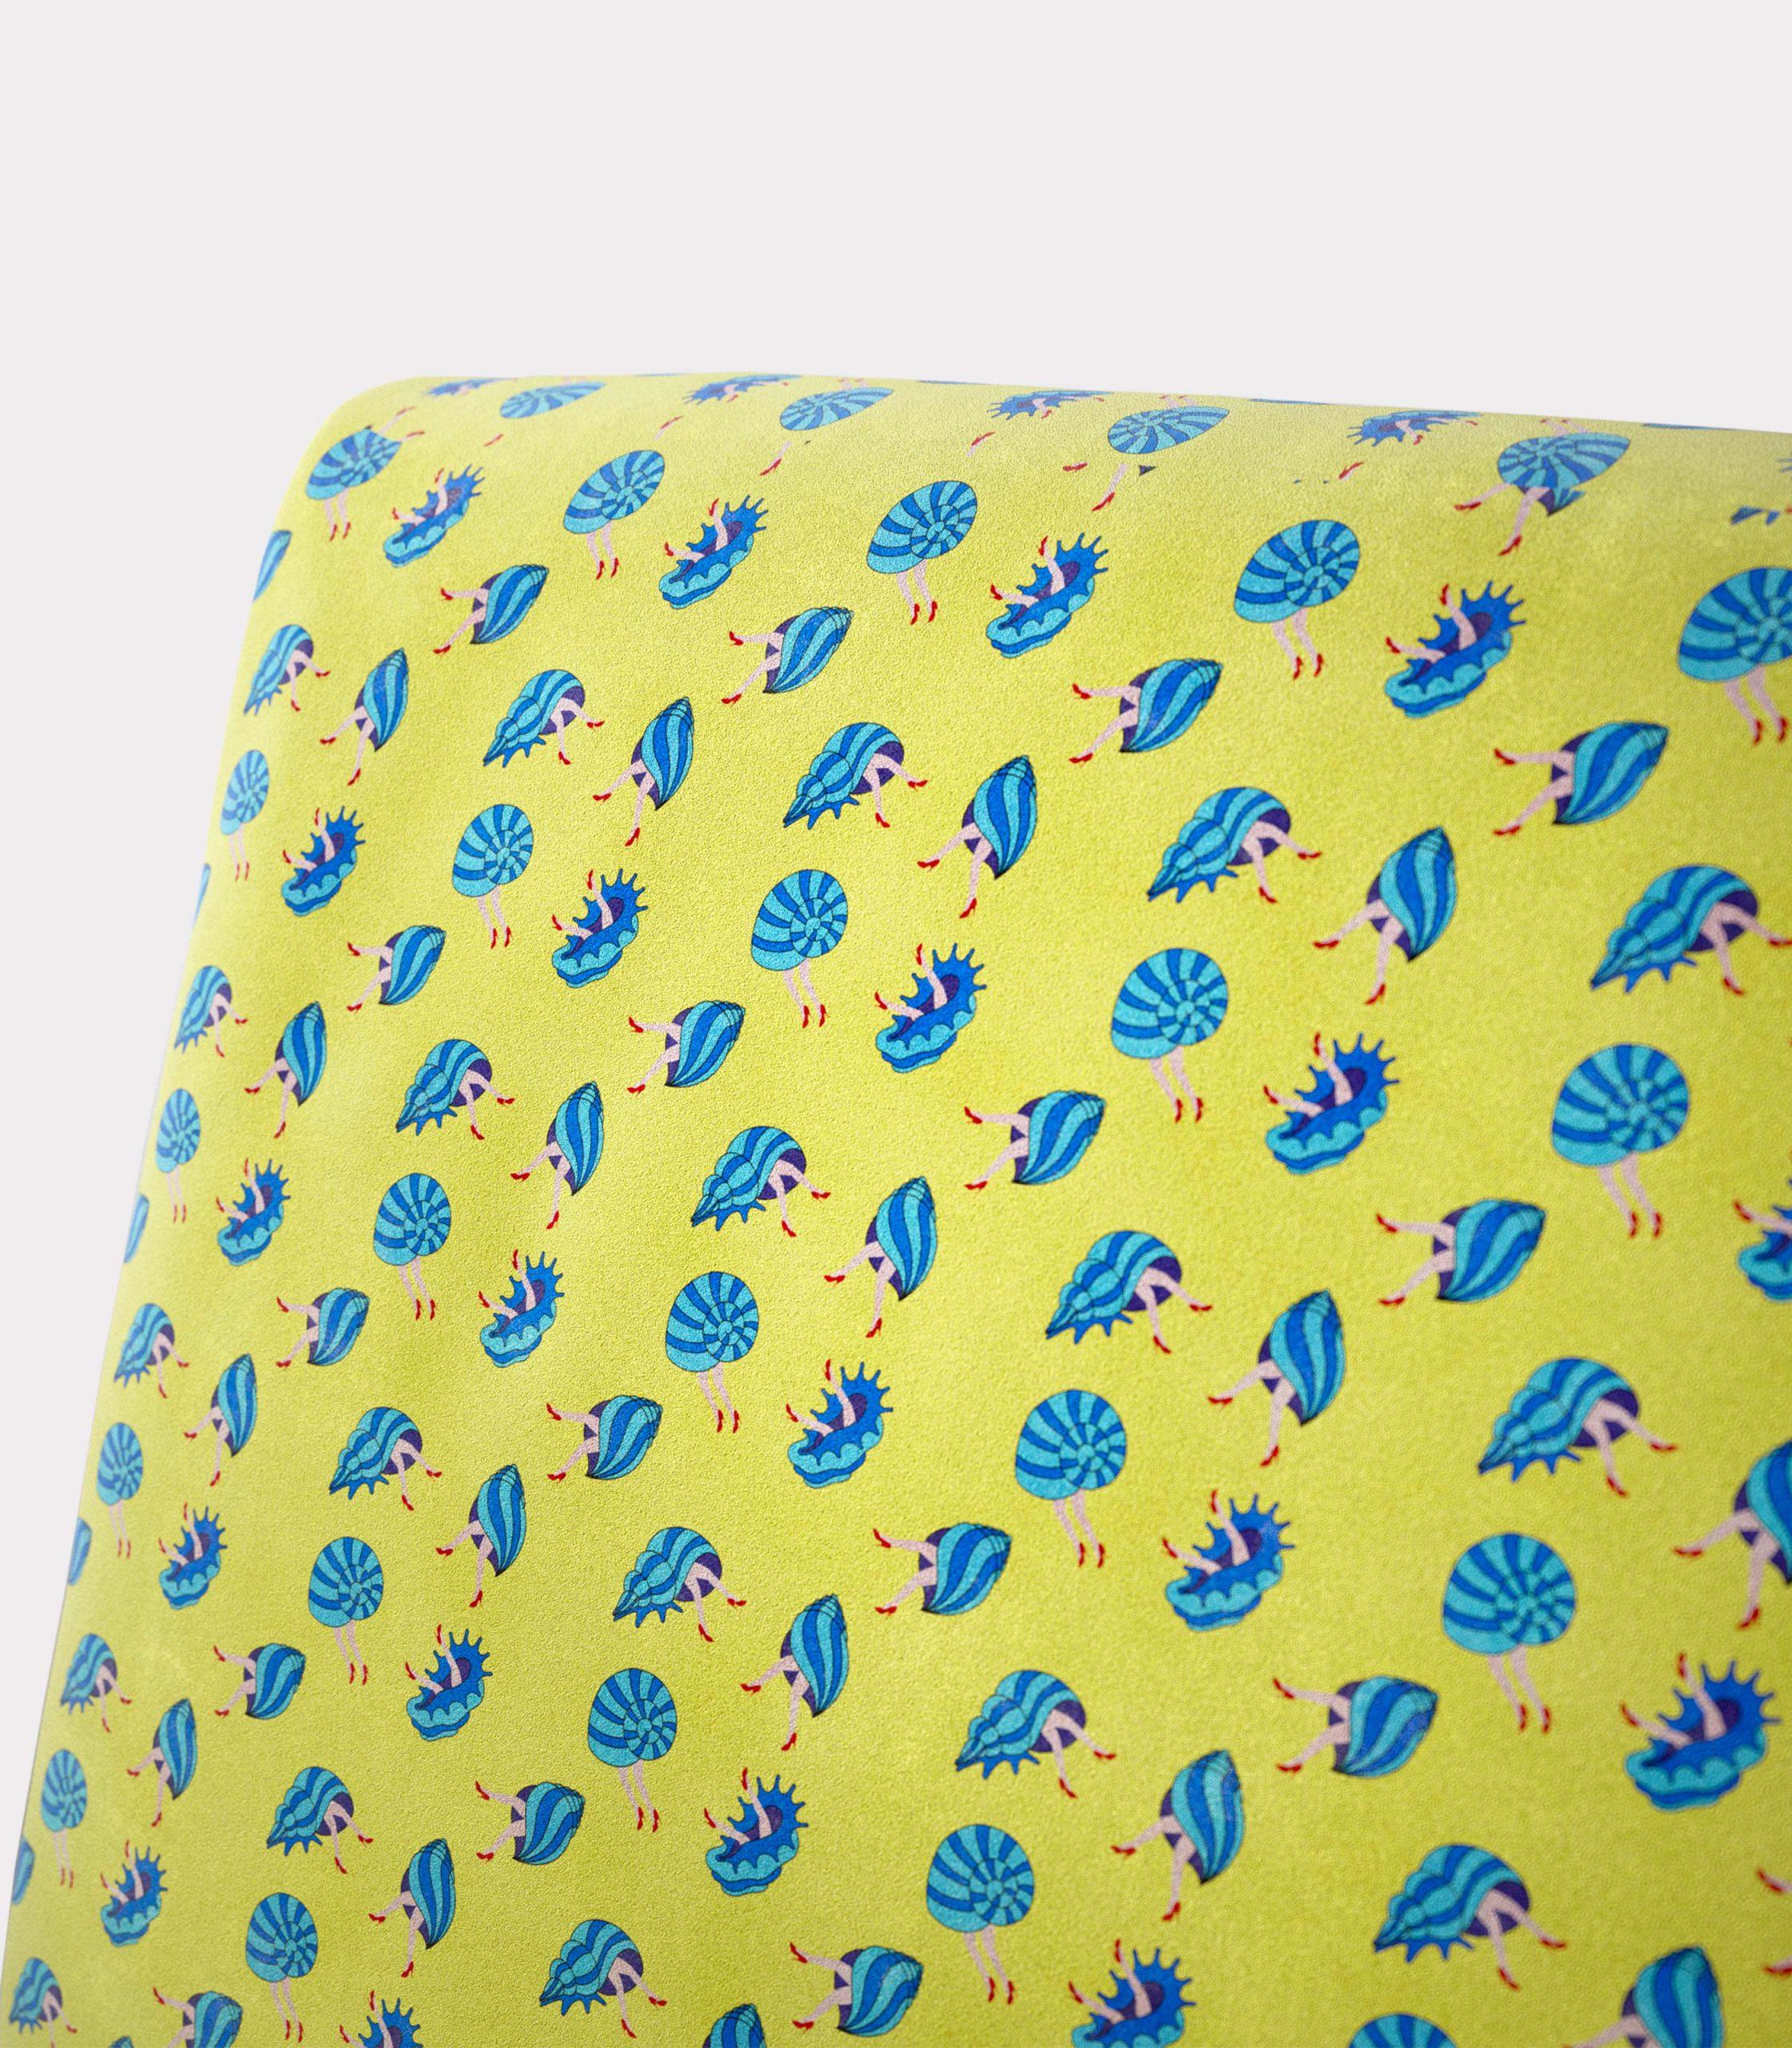 poltrona pattern conchiglie e gambe loopo milano design Z